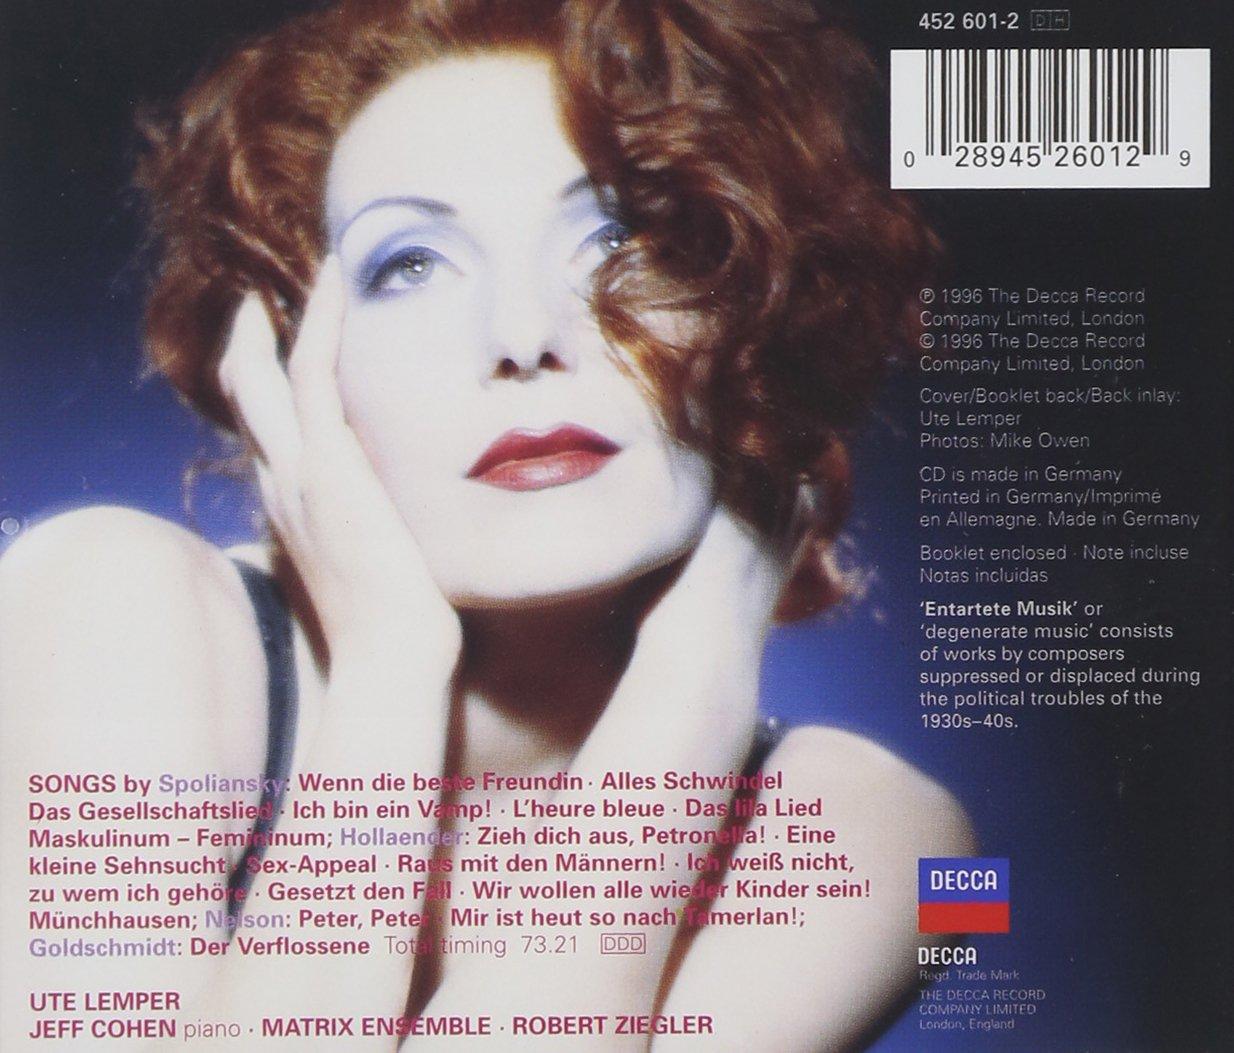 Hollander sex appeal lyrics